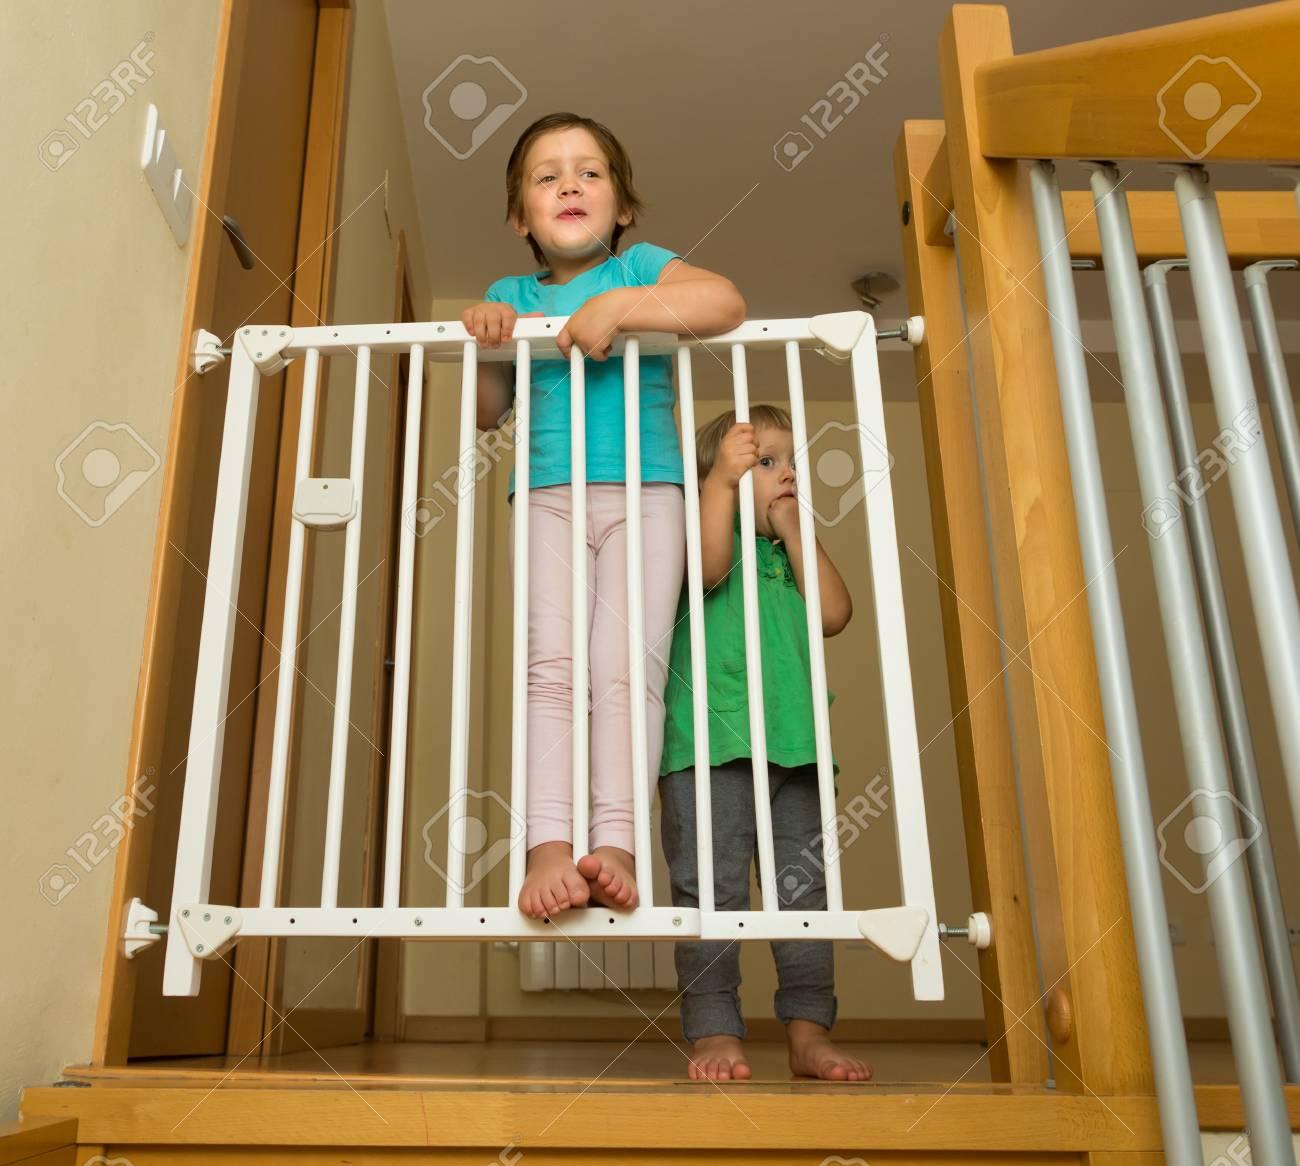 deux petites s urs sourire heureux pres de barriere d escalier a la maison banque d images et photos libres de droits image 39423245